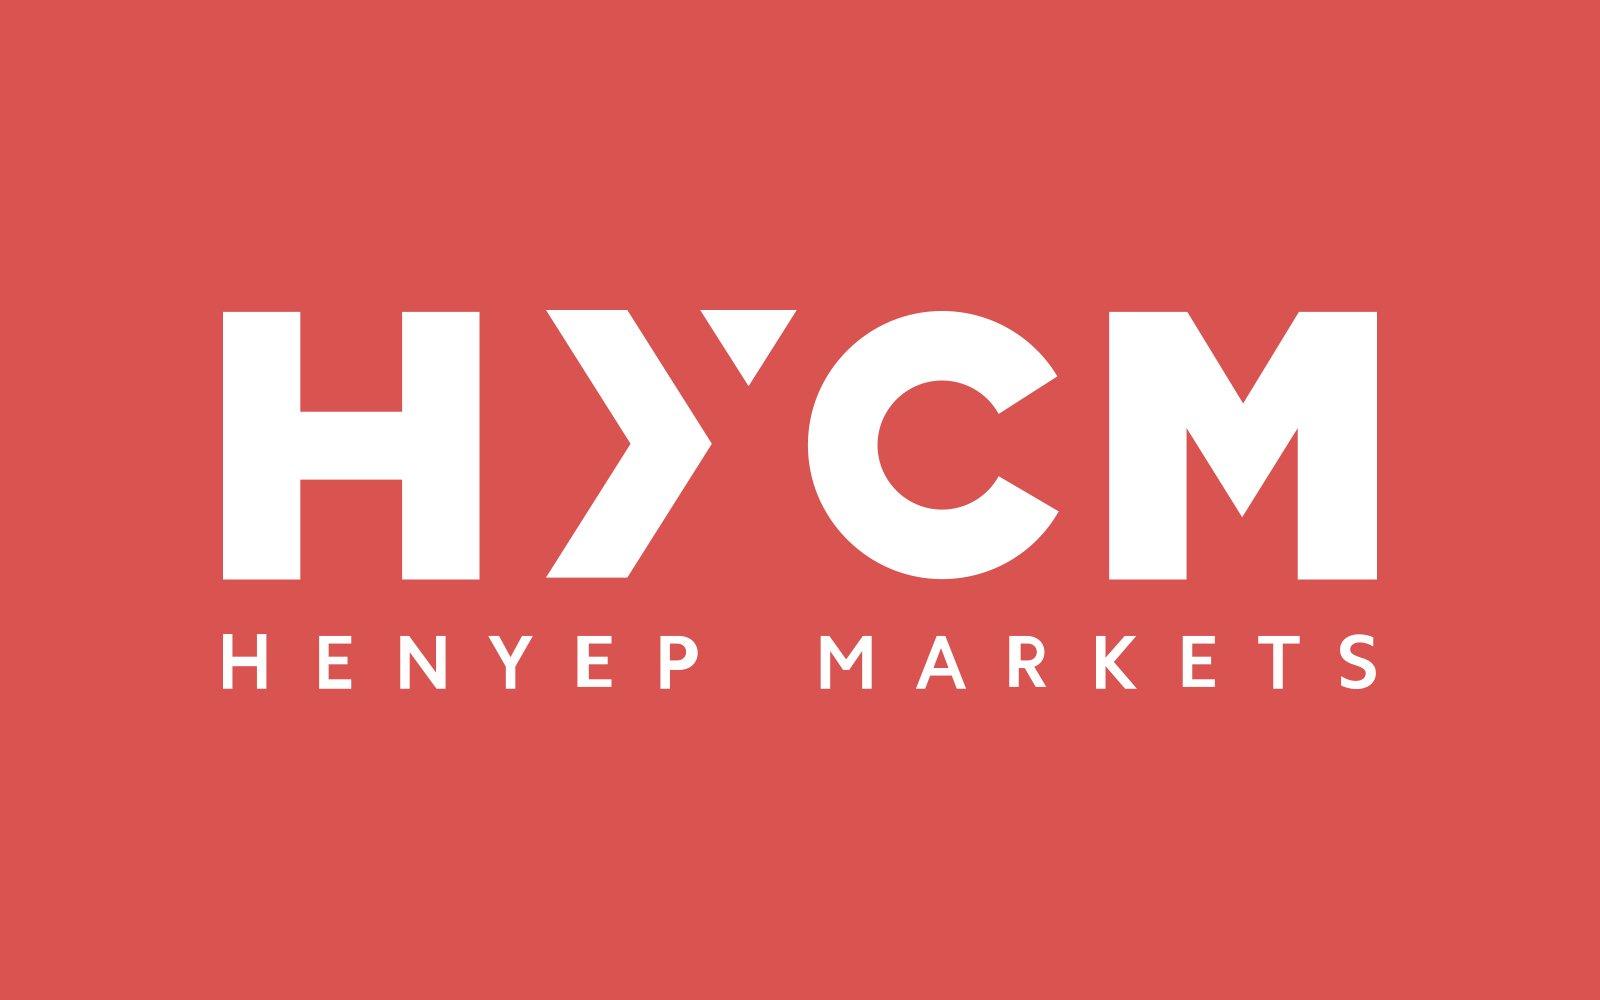 HYCM положительные и отрицательные отзывы